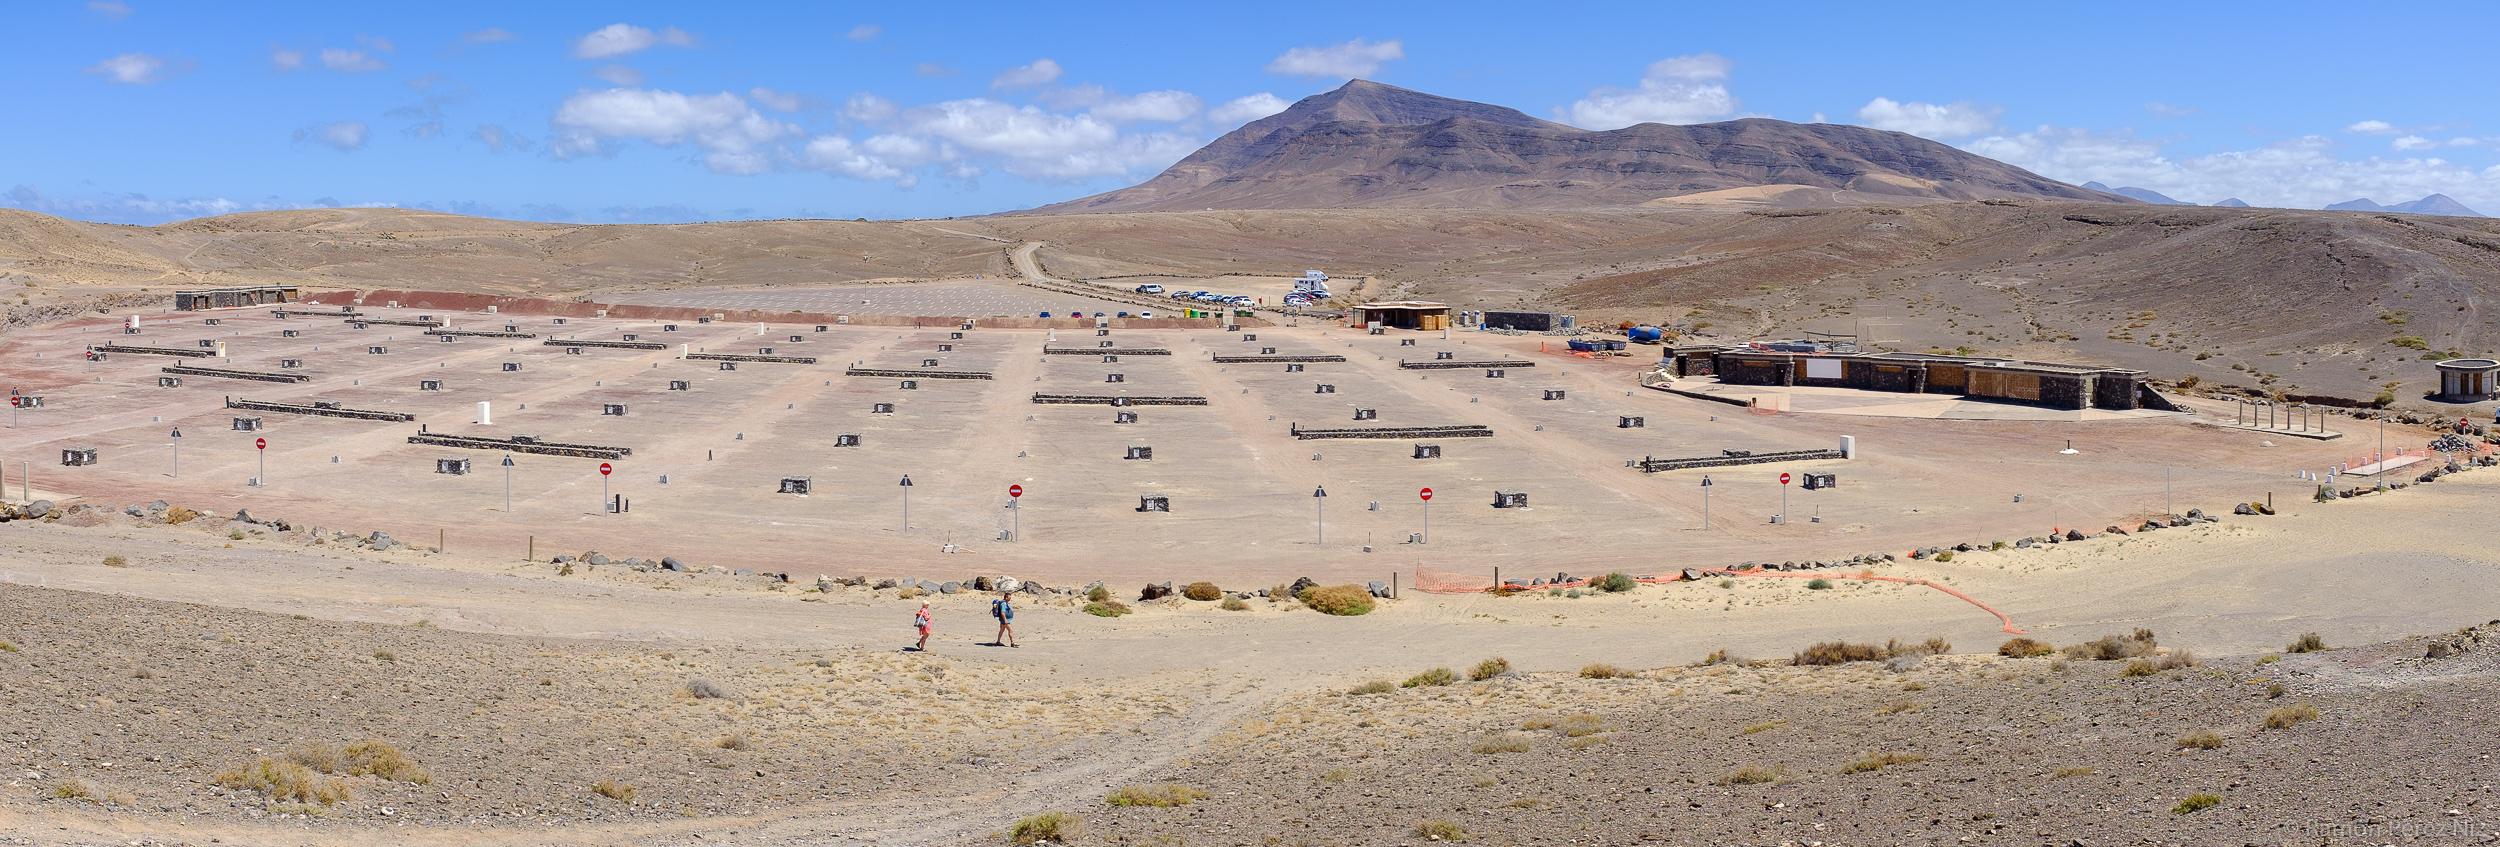 Foto de Ramón Pérez Niz, camping de Papagayo